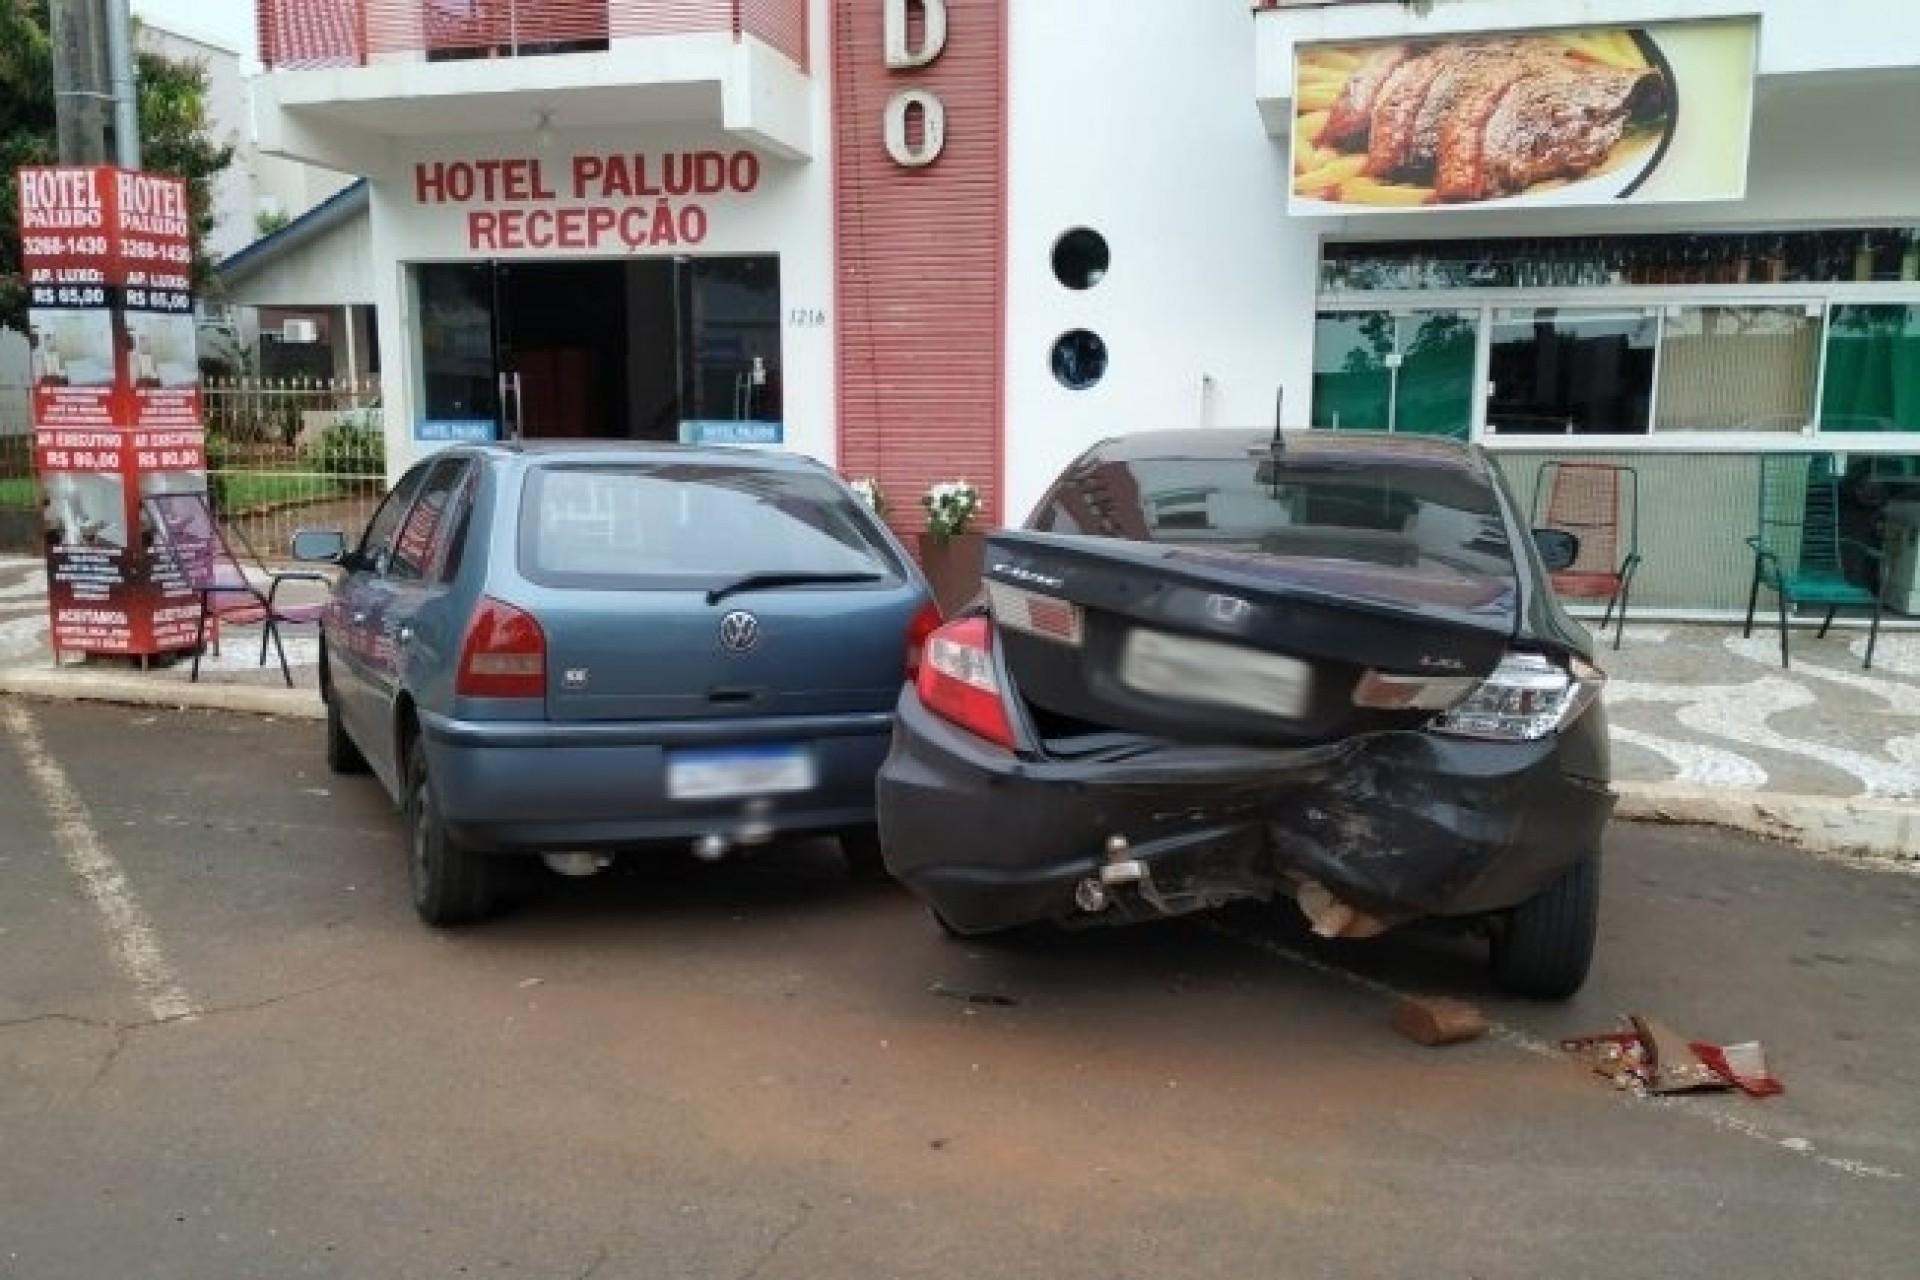 Condutor perde controle de carro e colide em veículos estacionados na Avenida Brasil